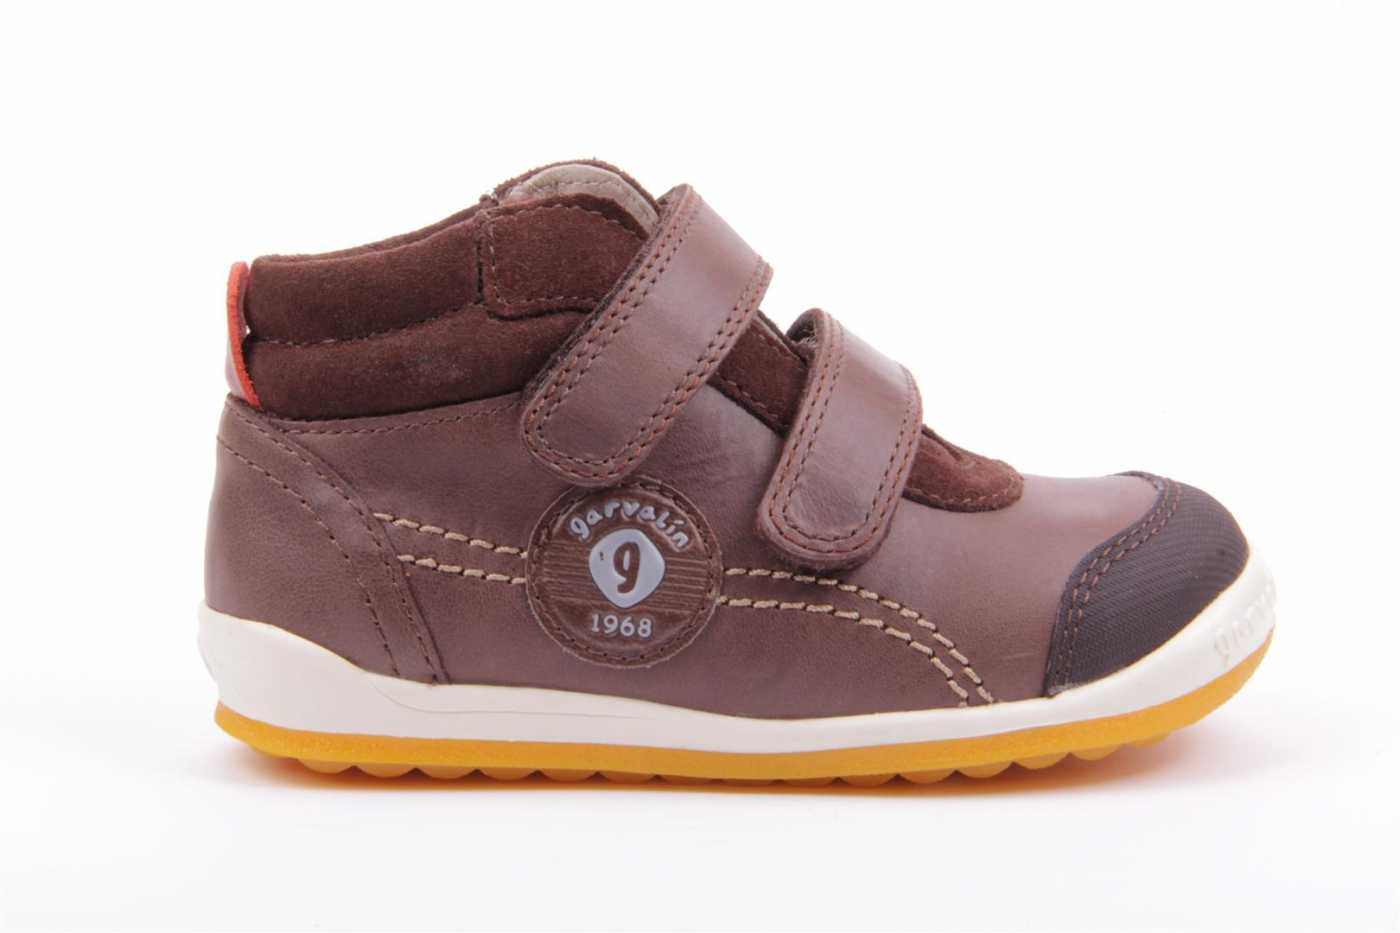 88cd6aeff Comprar zapato tipo JOVEN NIÑO estilo BOTAS COLOR MARRON PIEL